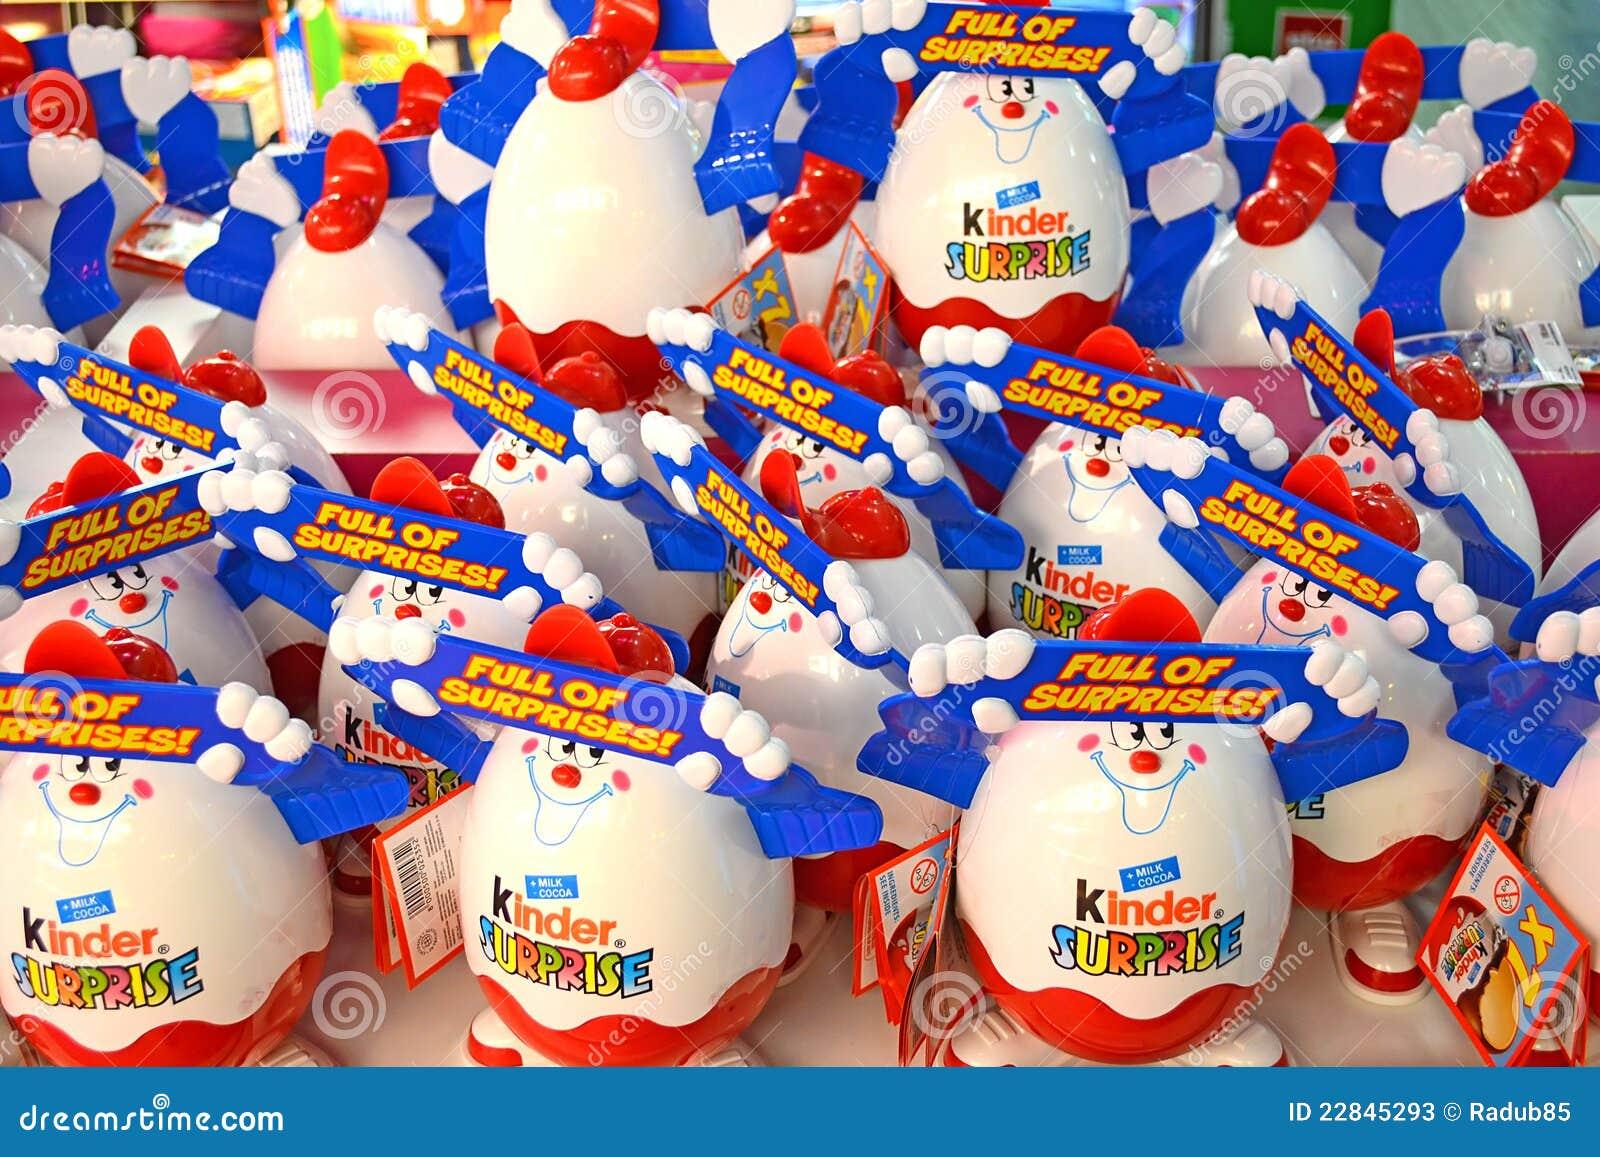 Kinder Surprise Stock Photos